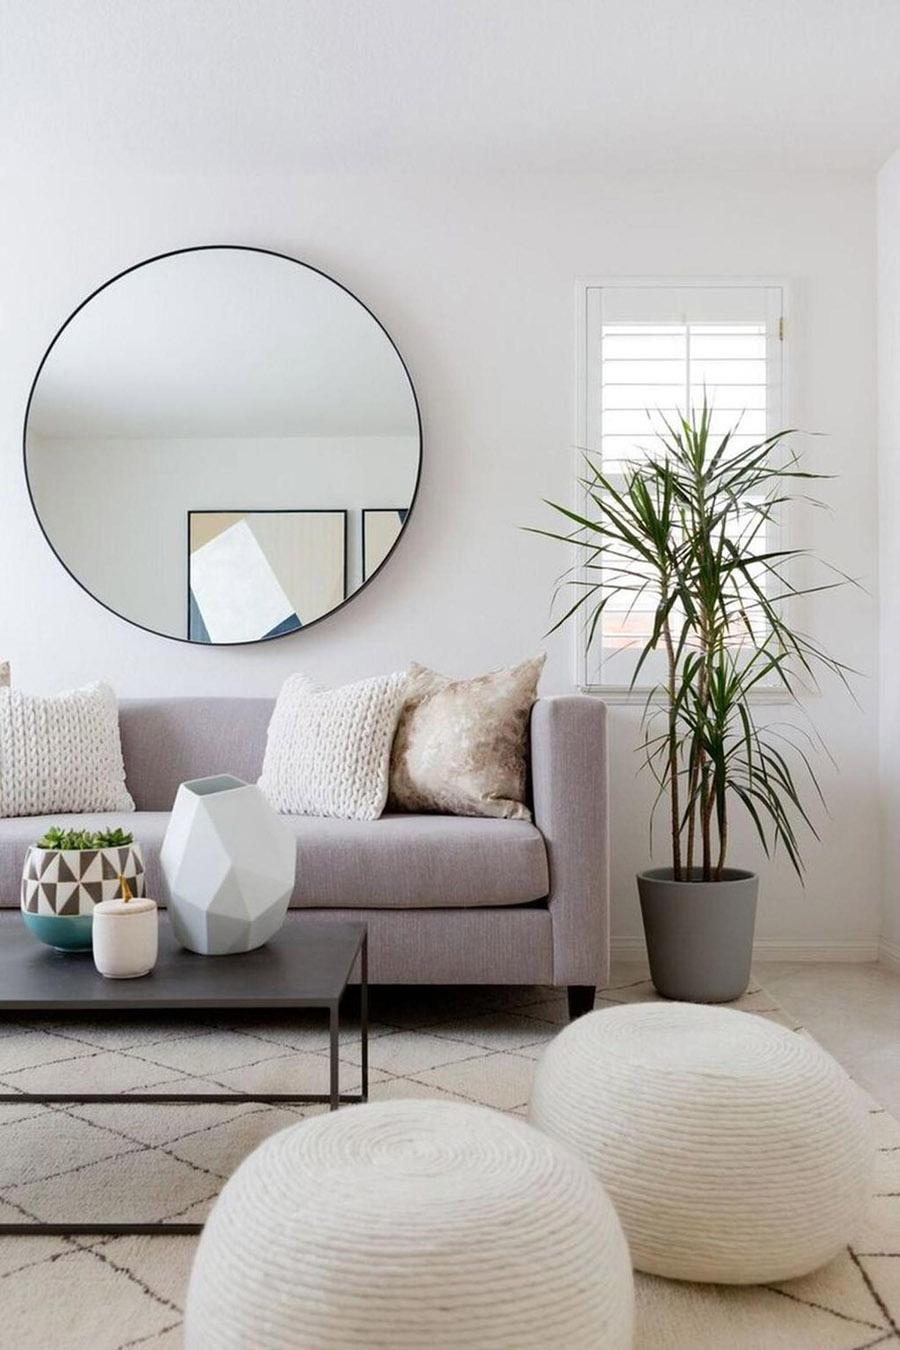 cccbfefa2ab55e7a37137f573d1ccf2d--minimalist-living-rooms-neutral-living-rooms.jpg_